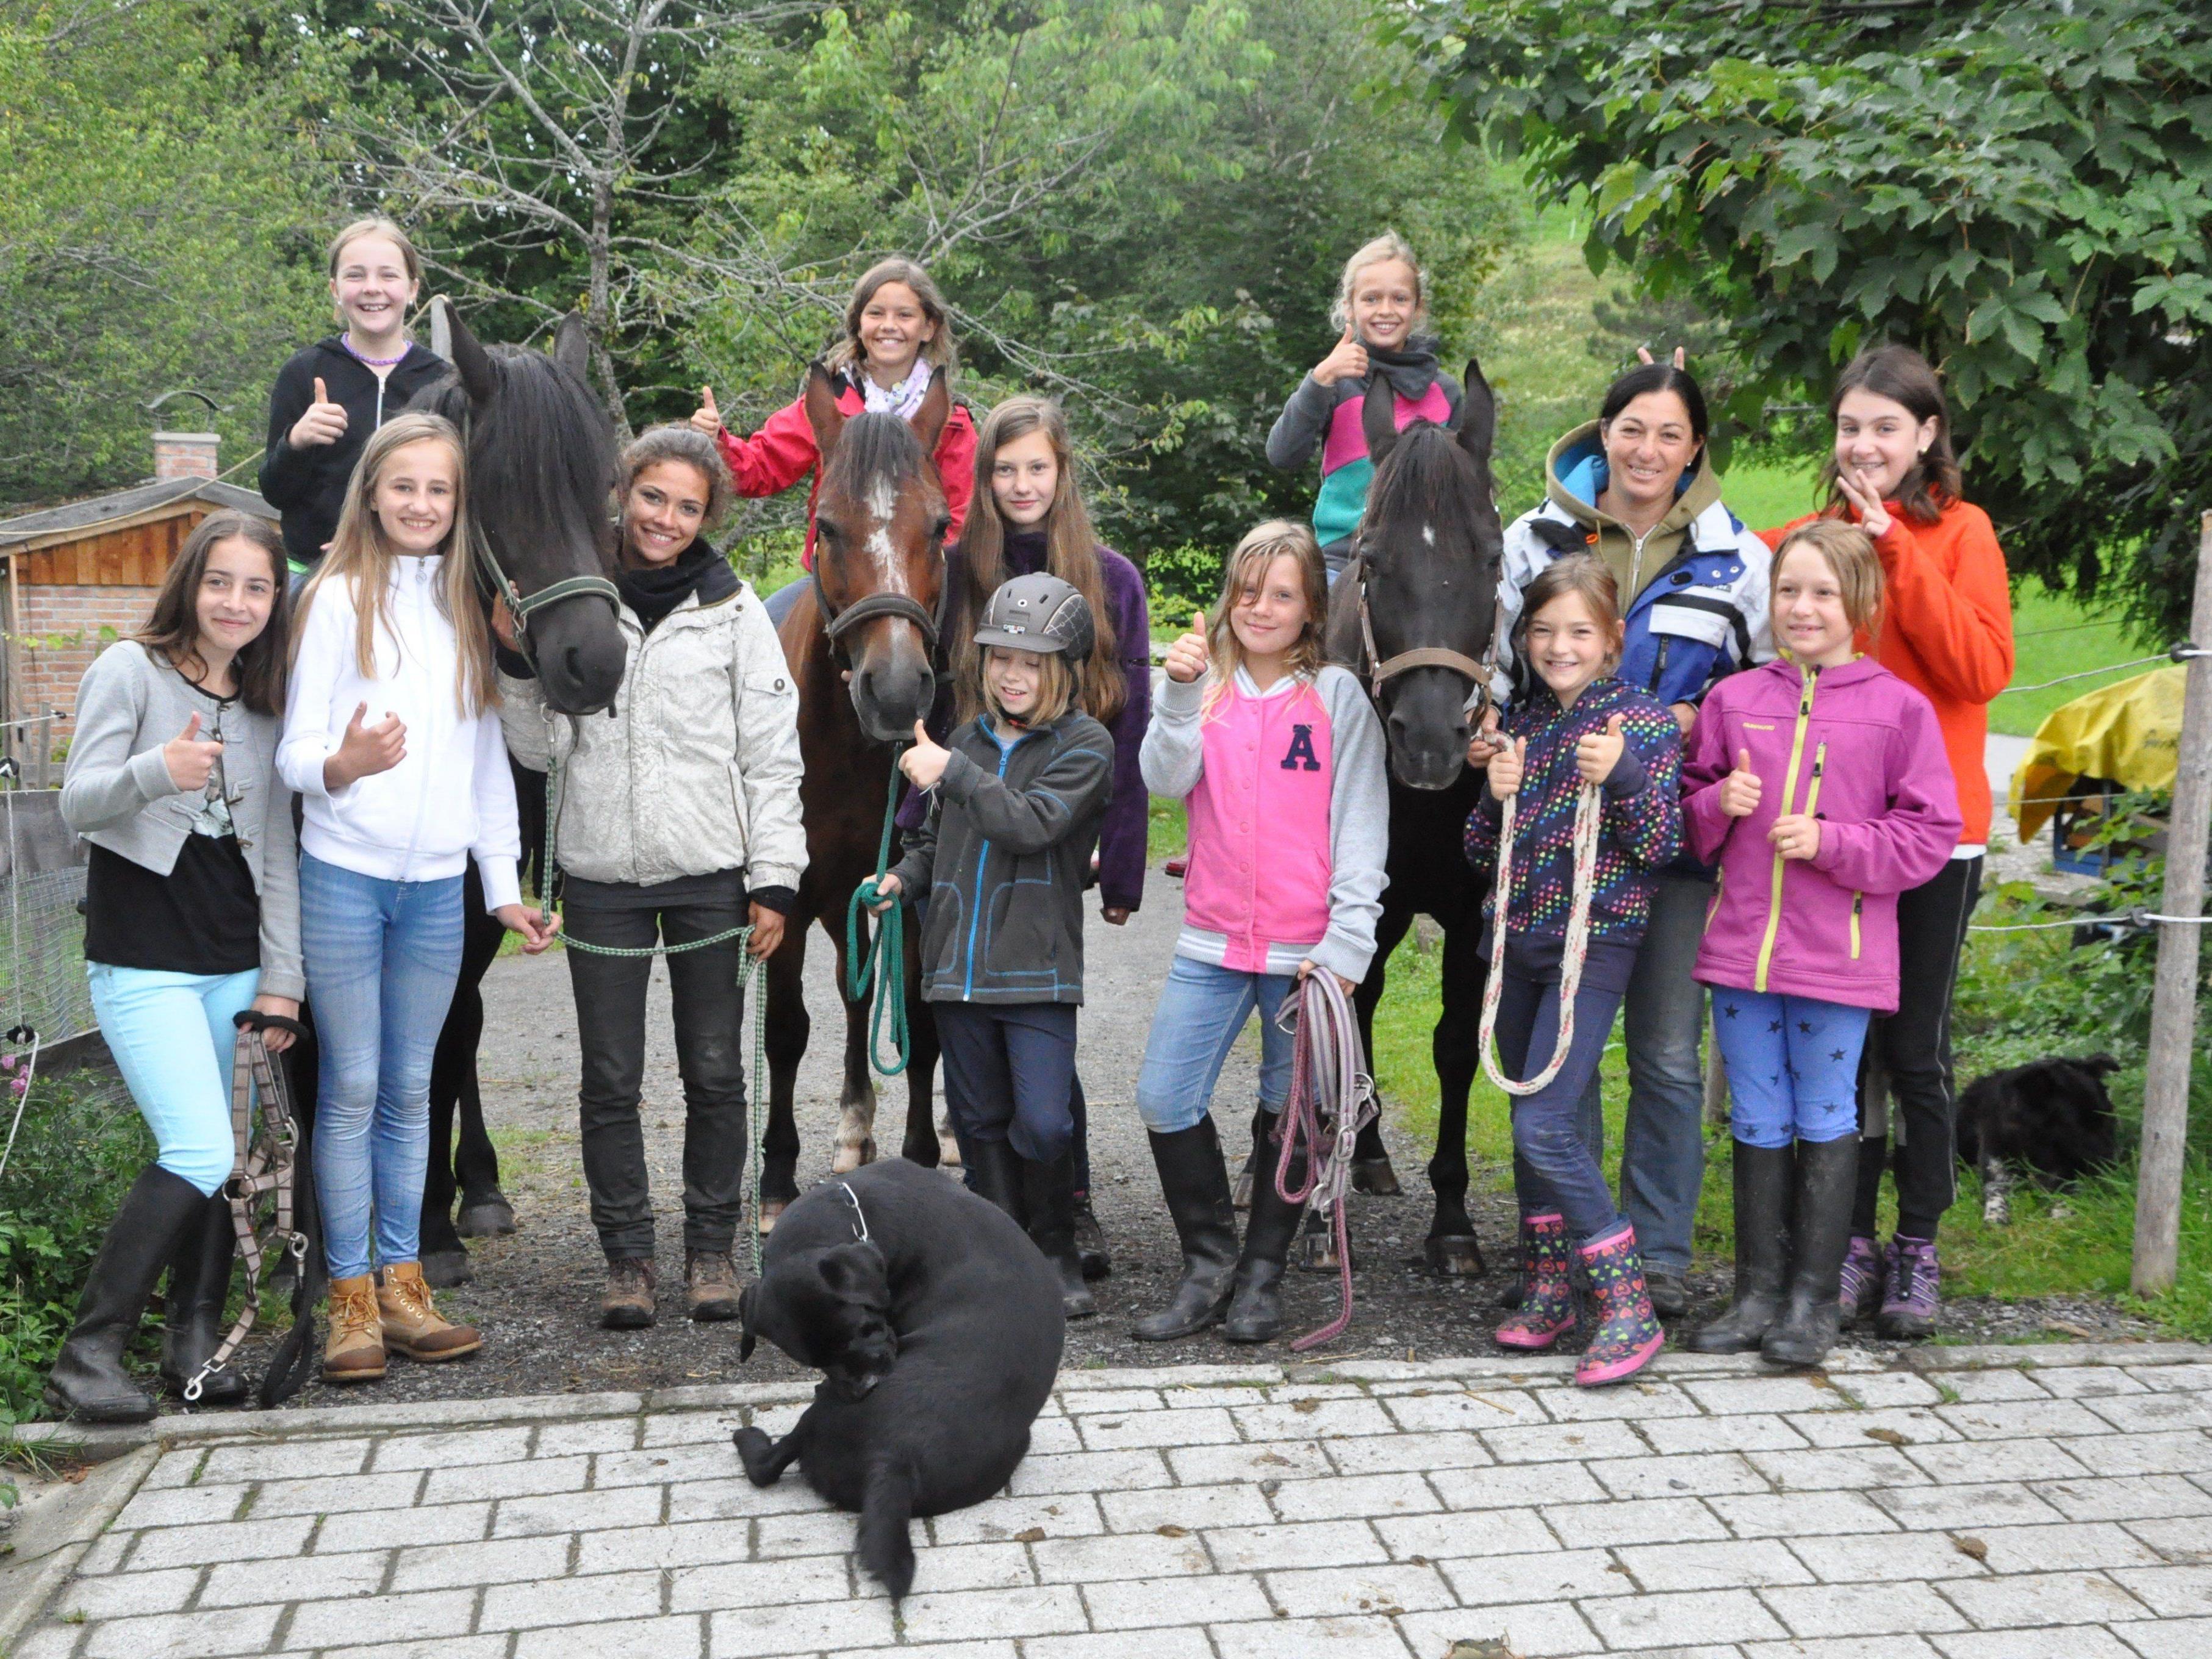 Viel Action und Spaß für die Kinder bei den Erlebniswochen am Trekkinghof Furx